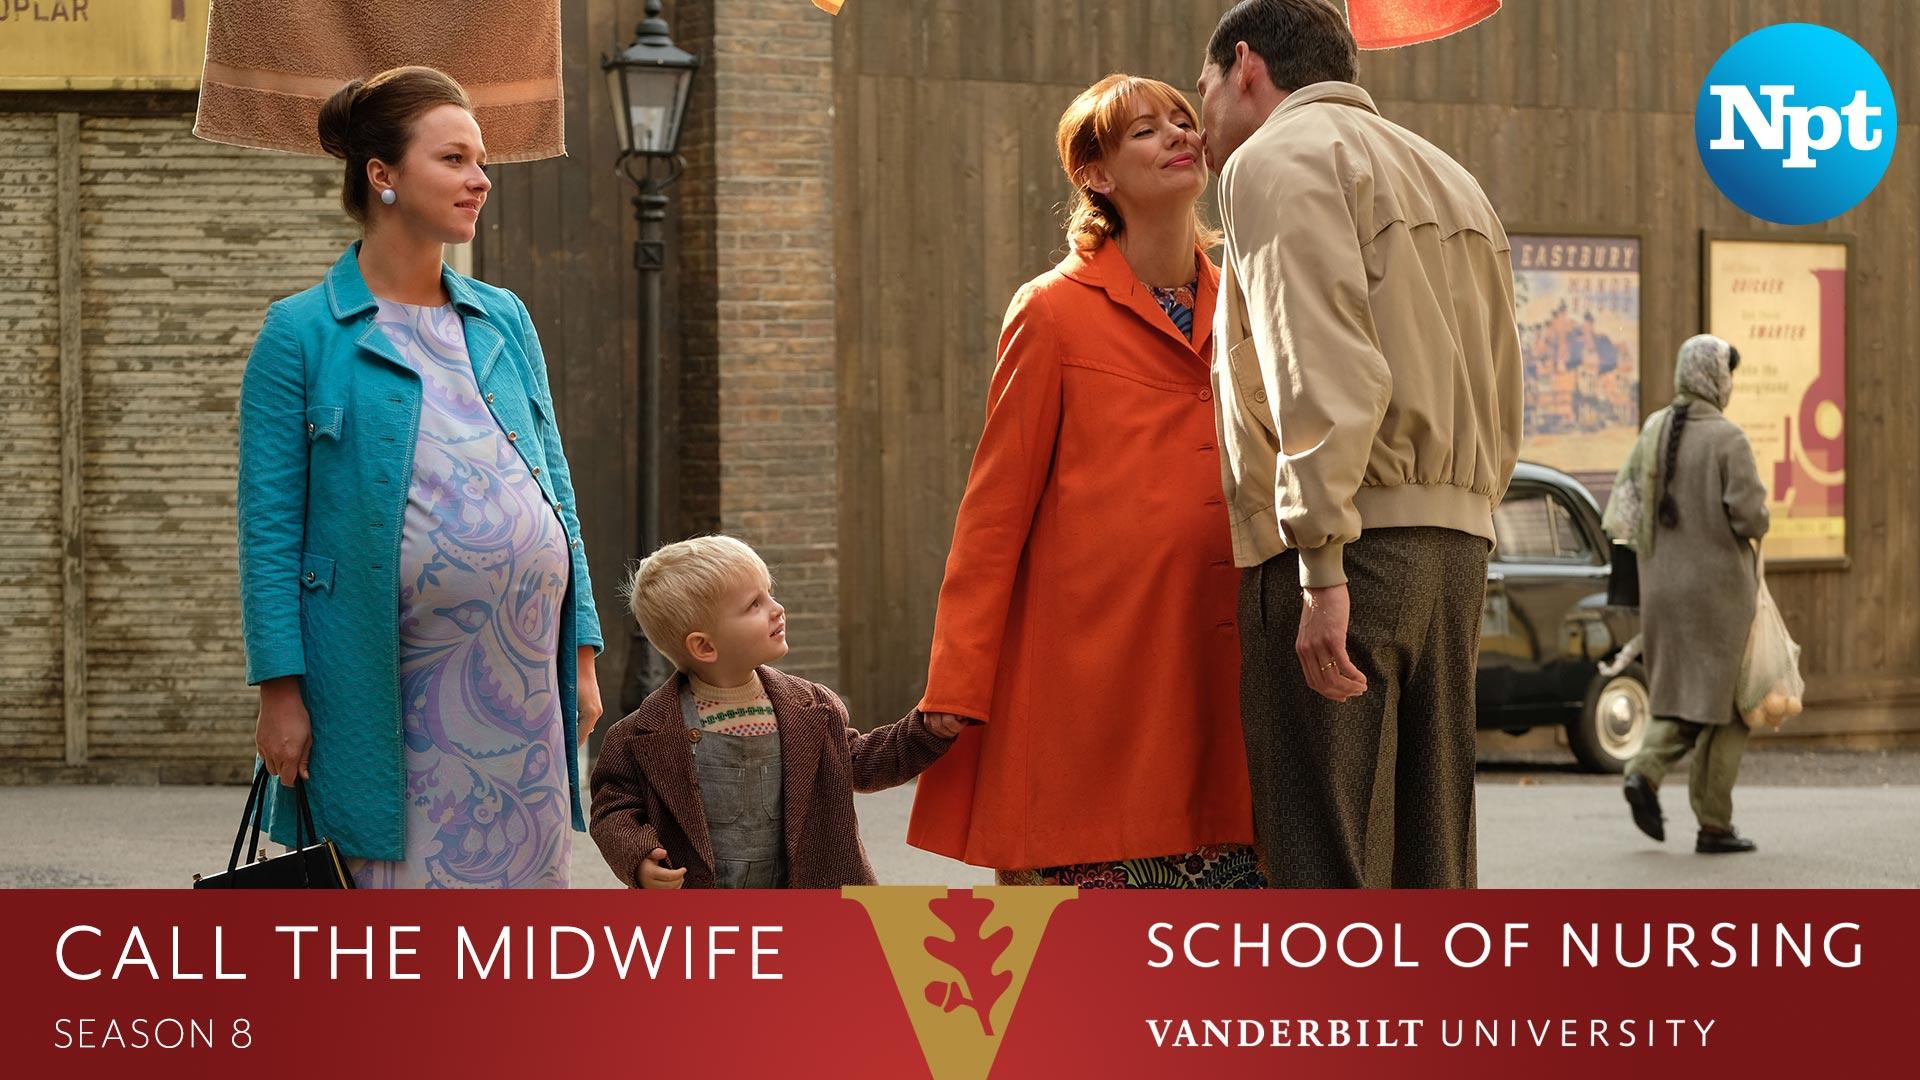 Call the Midwife' Recap: Season 8 Episode 7 - NPT Media